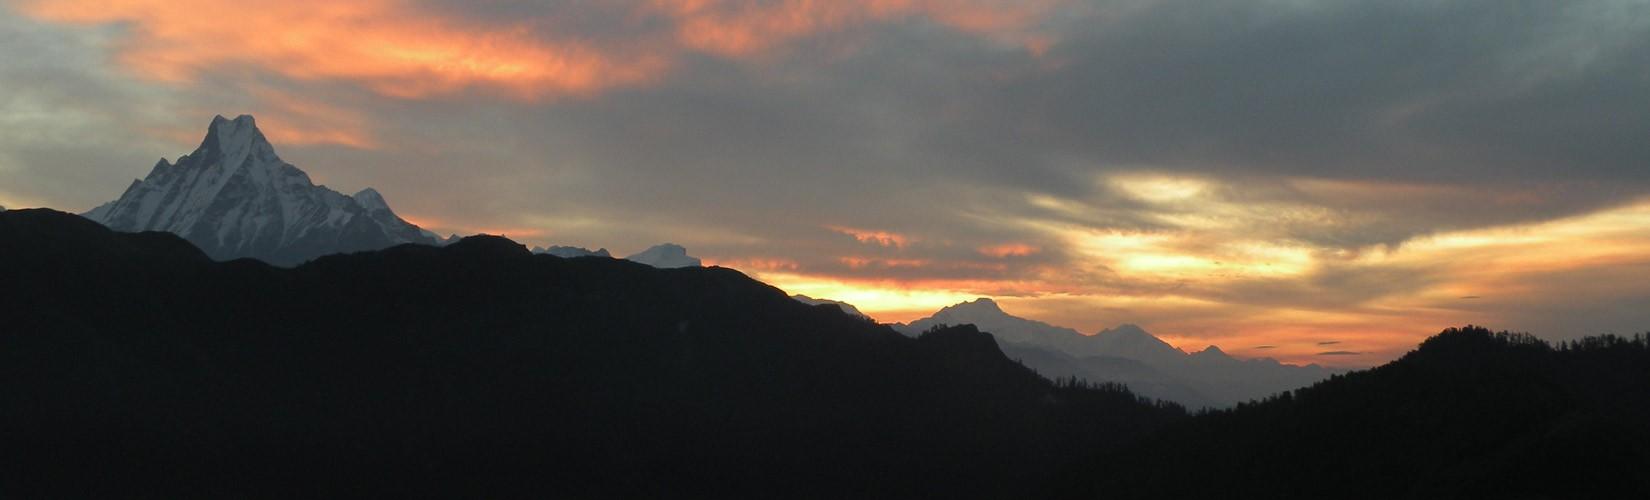 Annapurna, Massif Mountain range in Nepal